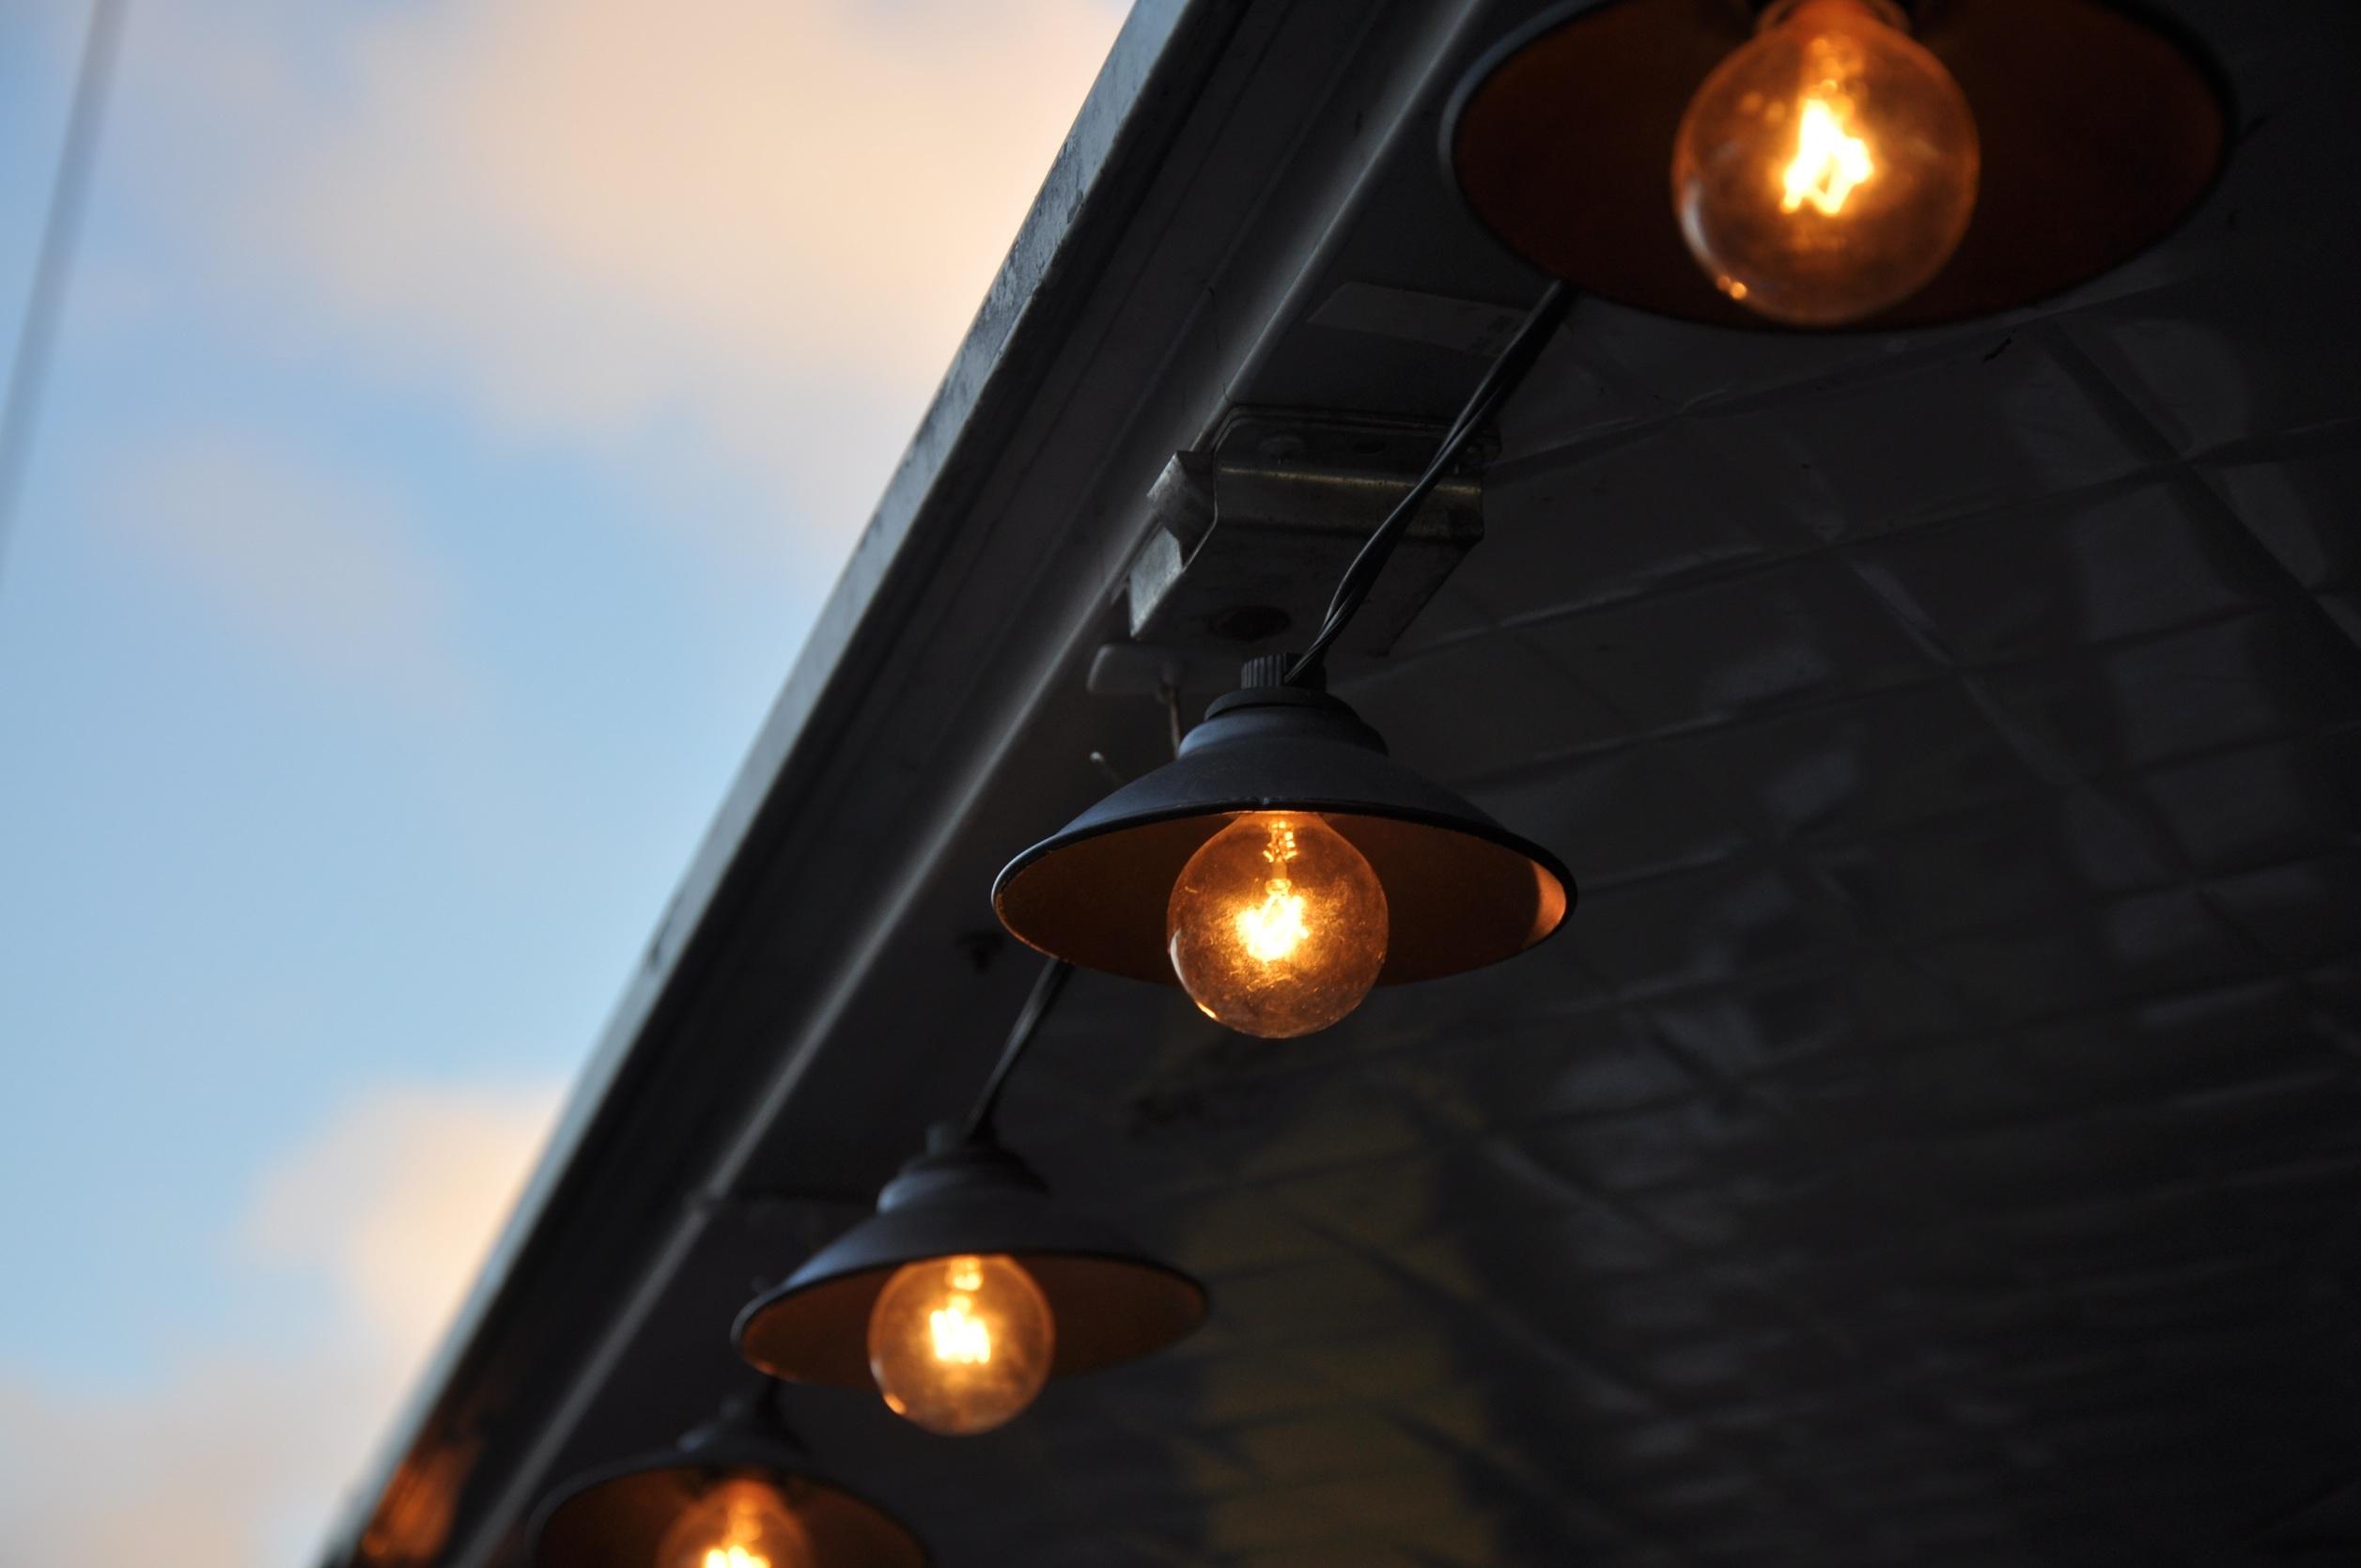 Kostenlose foto : draussen, Licht, Sonnenlicht, Umwelt, Decke ...